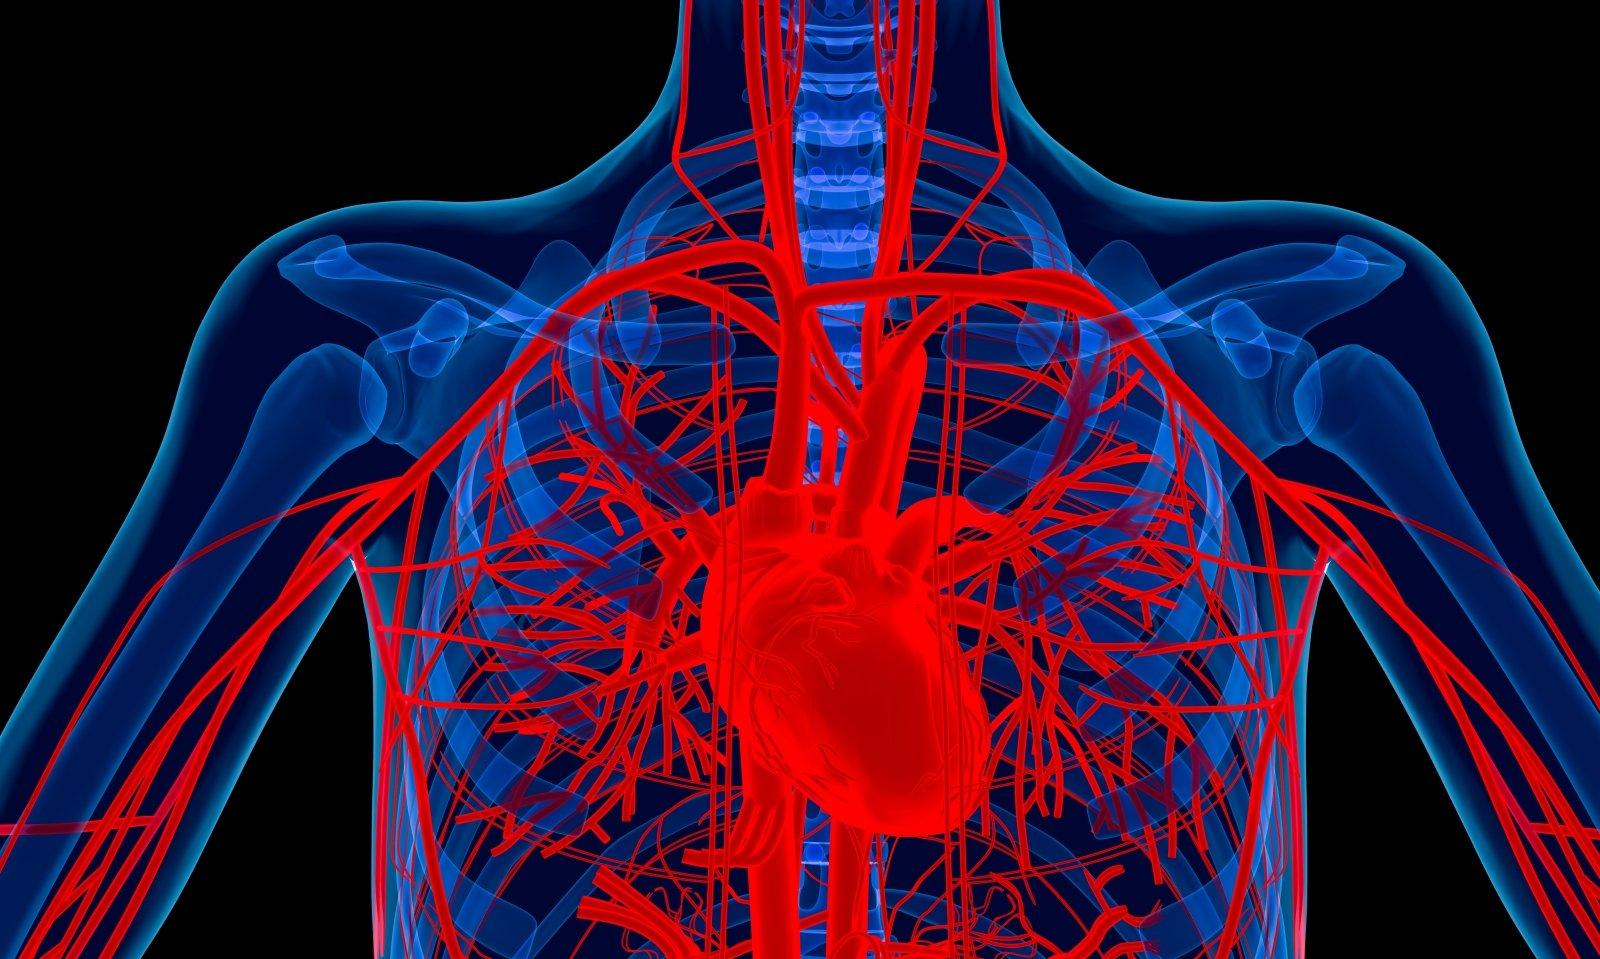 Efektyvus hipertenzijos gydymas be narkotikų 3 savaites